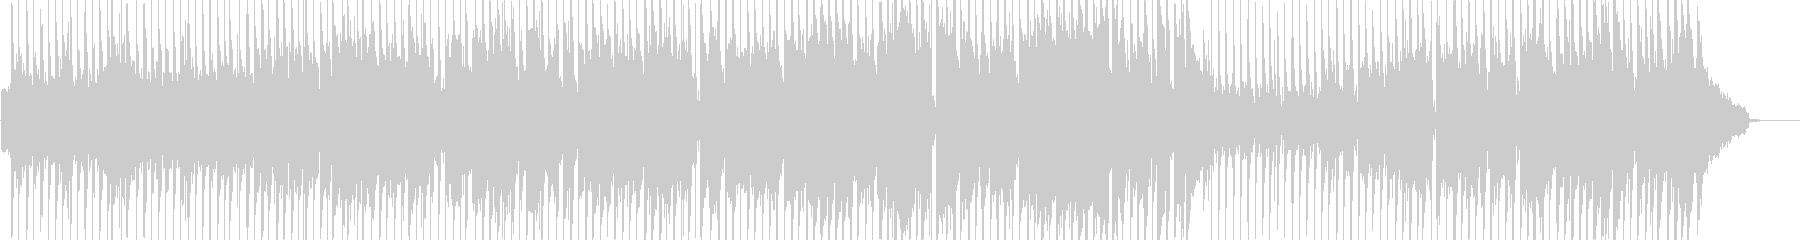 日常的・ほのぼの打楽器ポップス 短尺の未再生の波形